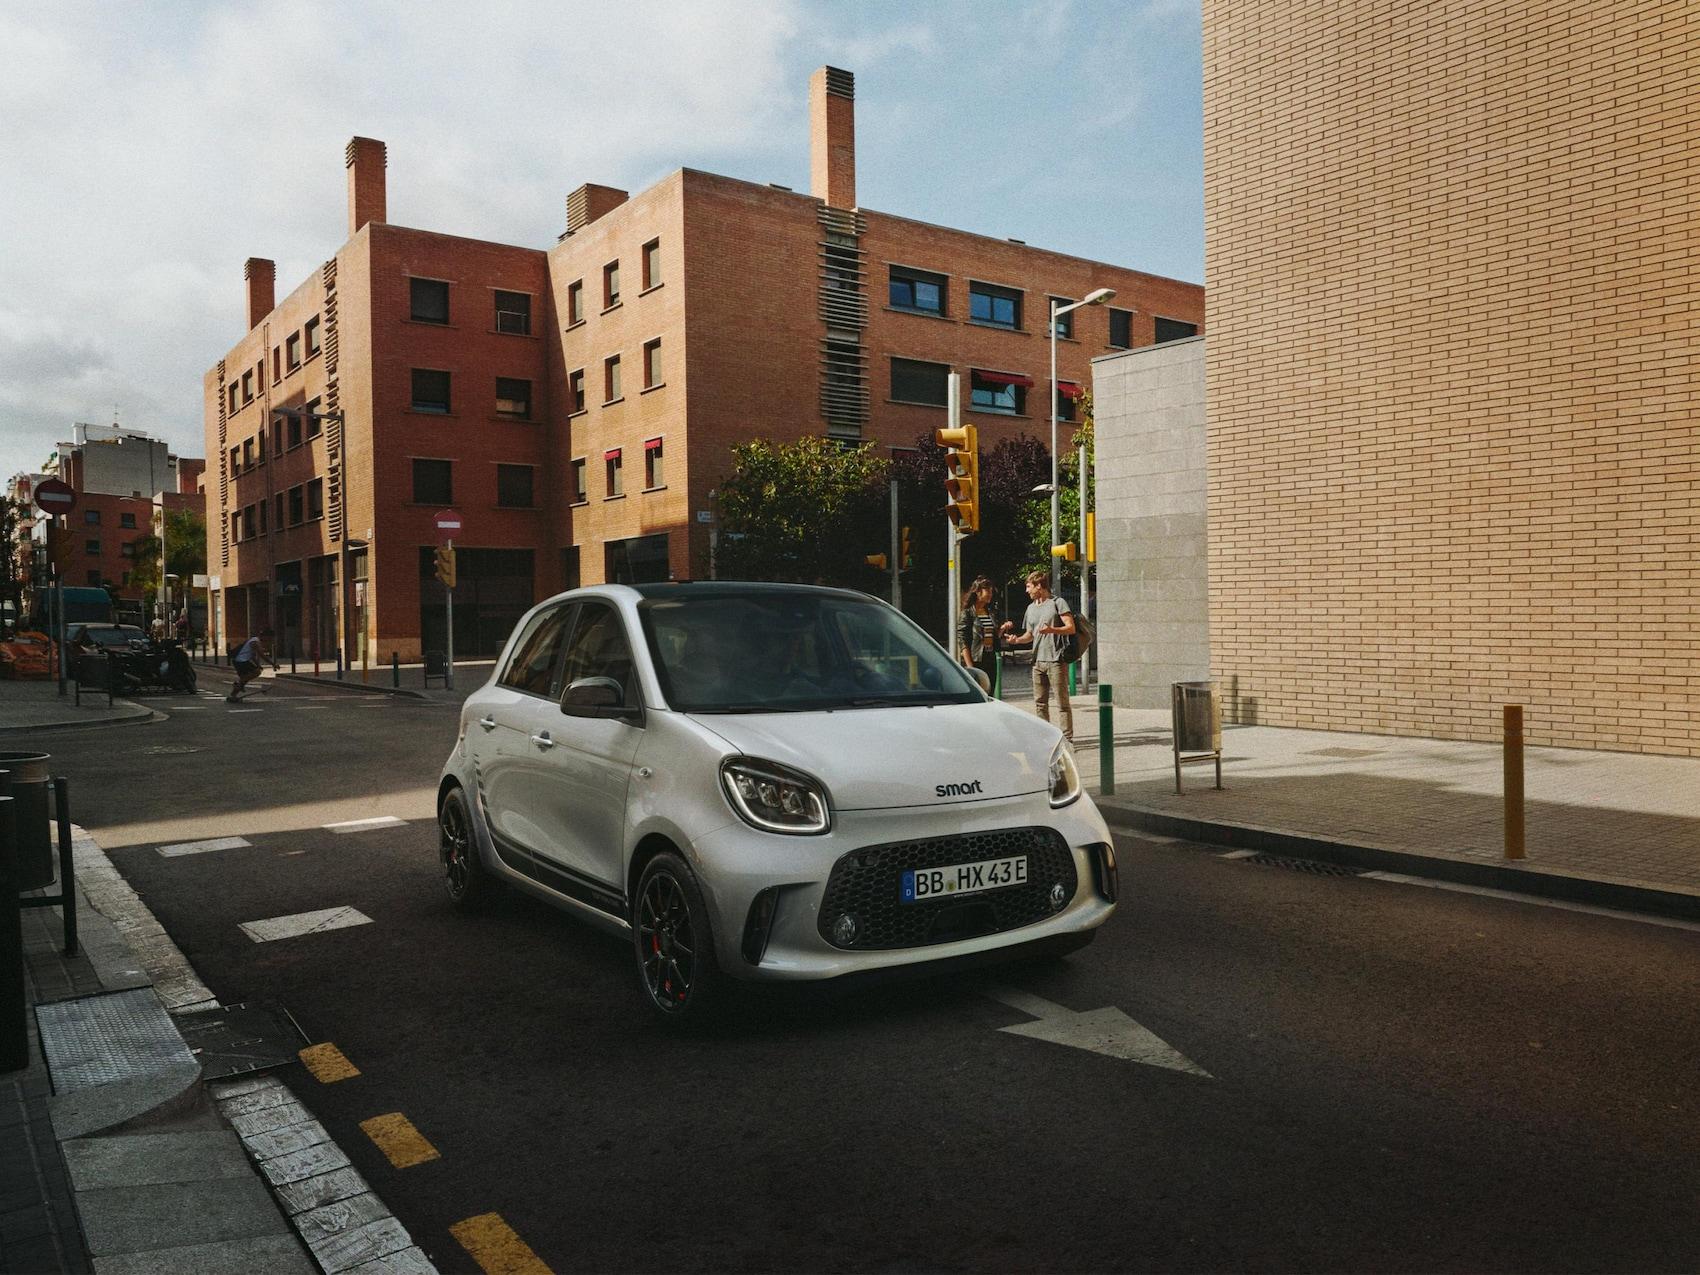 En smart EQ forfour Edition One på en gata i stadsmiljö.